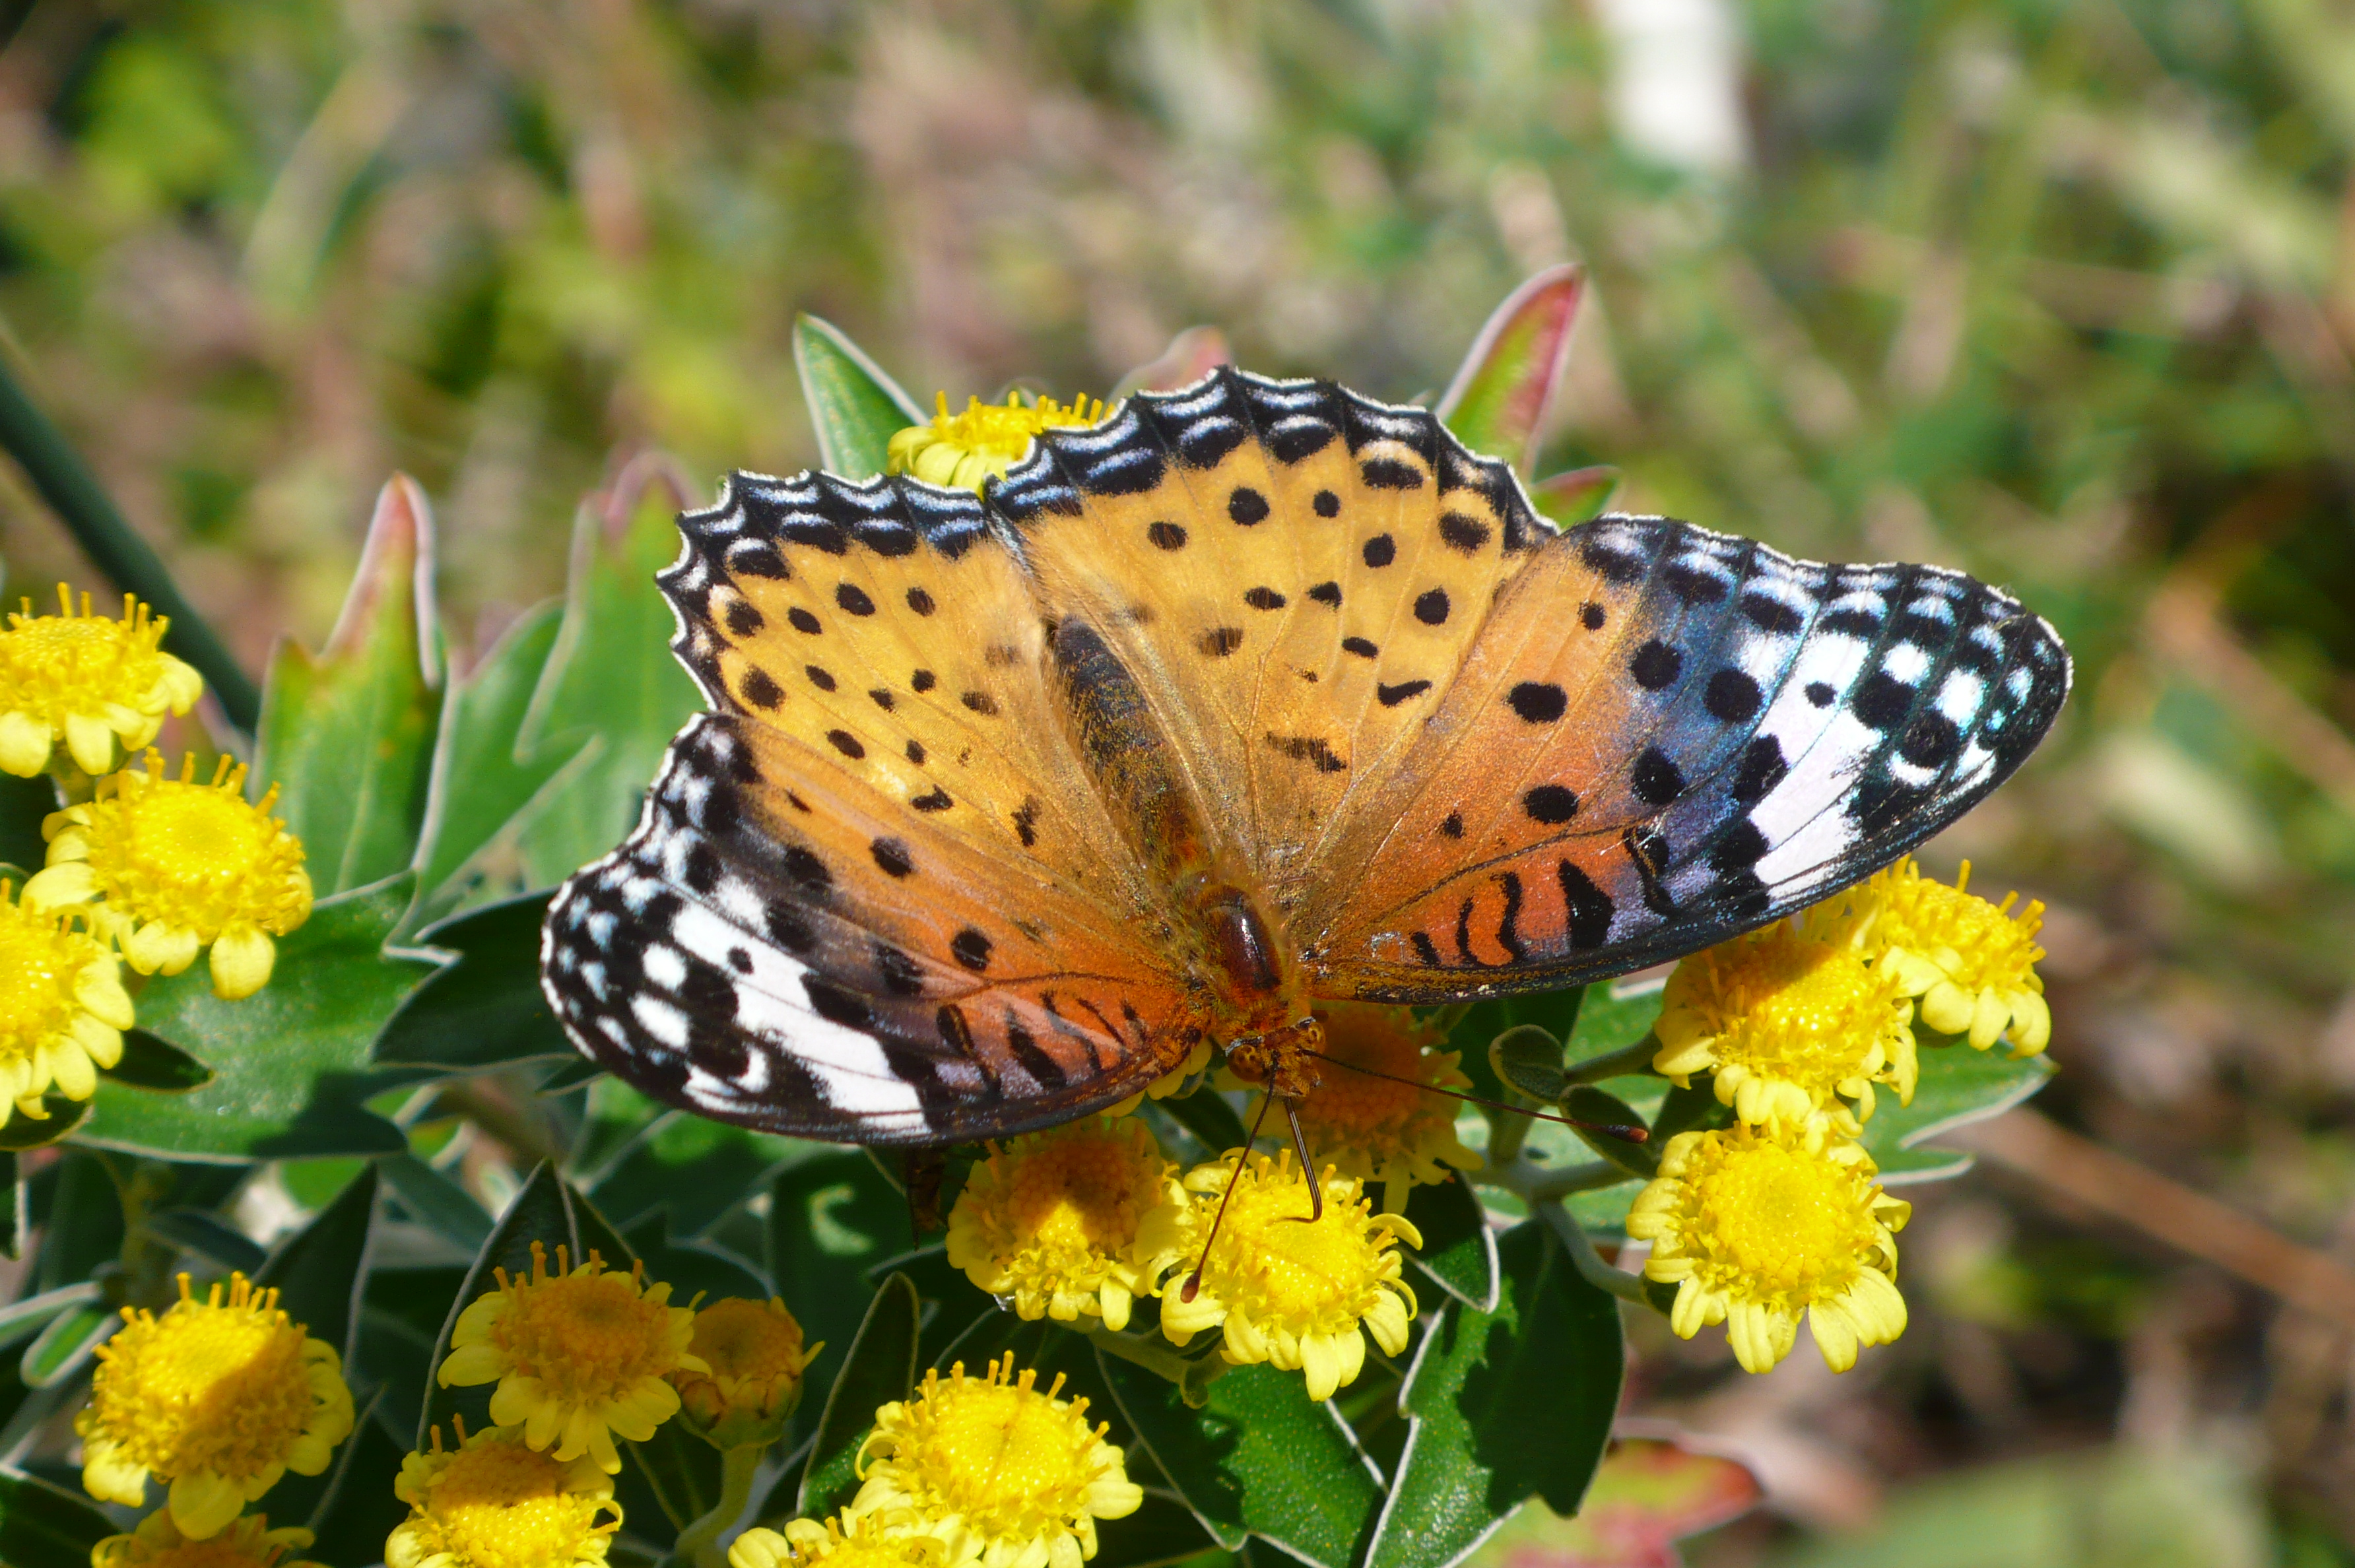 今、たくさんの菊の花が咲いています弊社のお花畑に  天気のいい、日中にツマグロヒョウモンがやってきて  雄と雌が仲良く花の蜜を吸っていました。